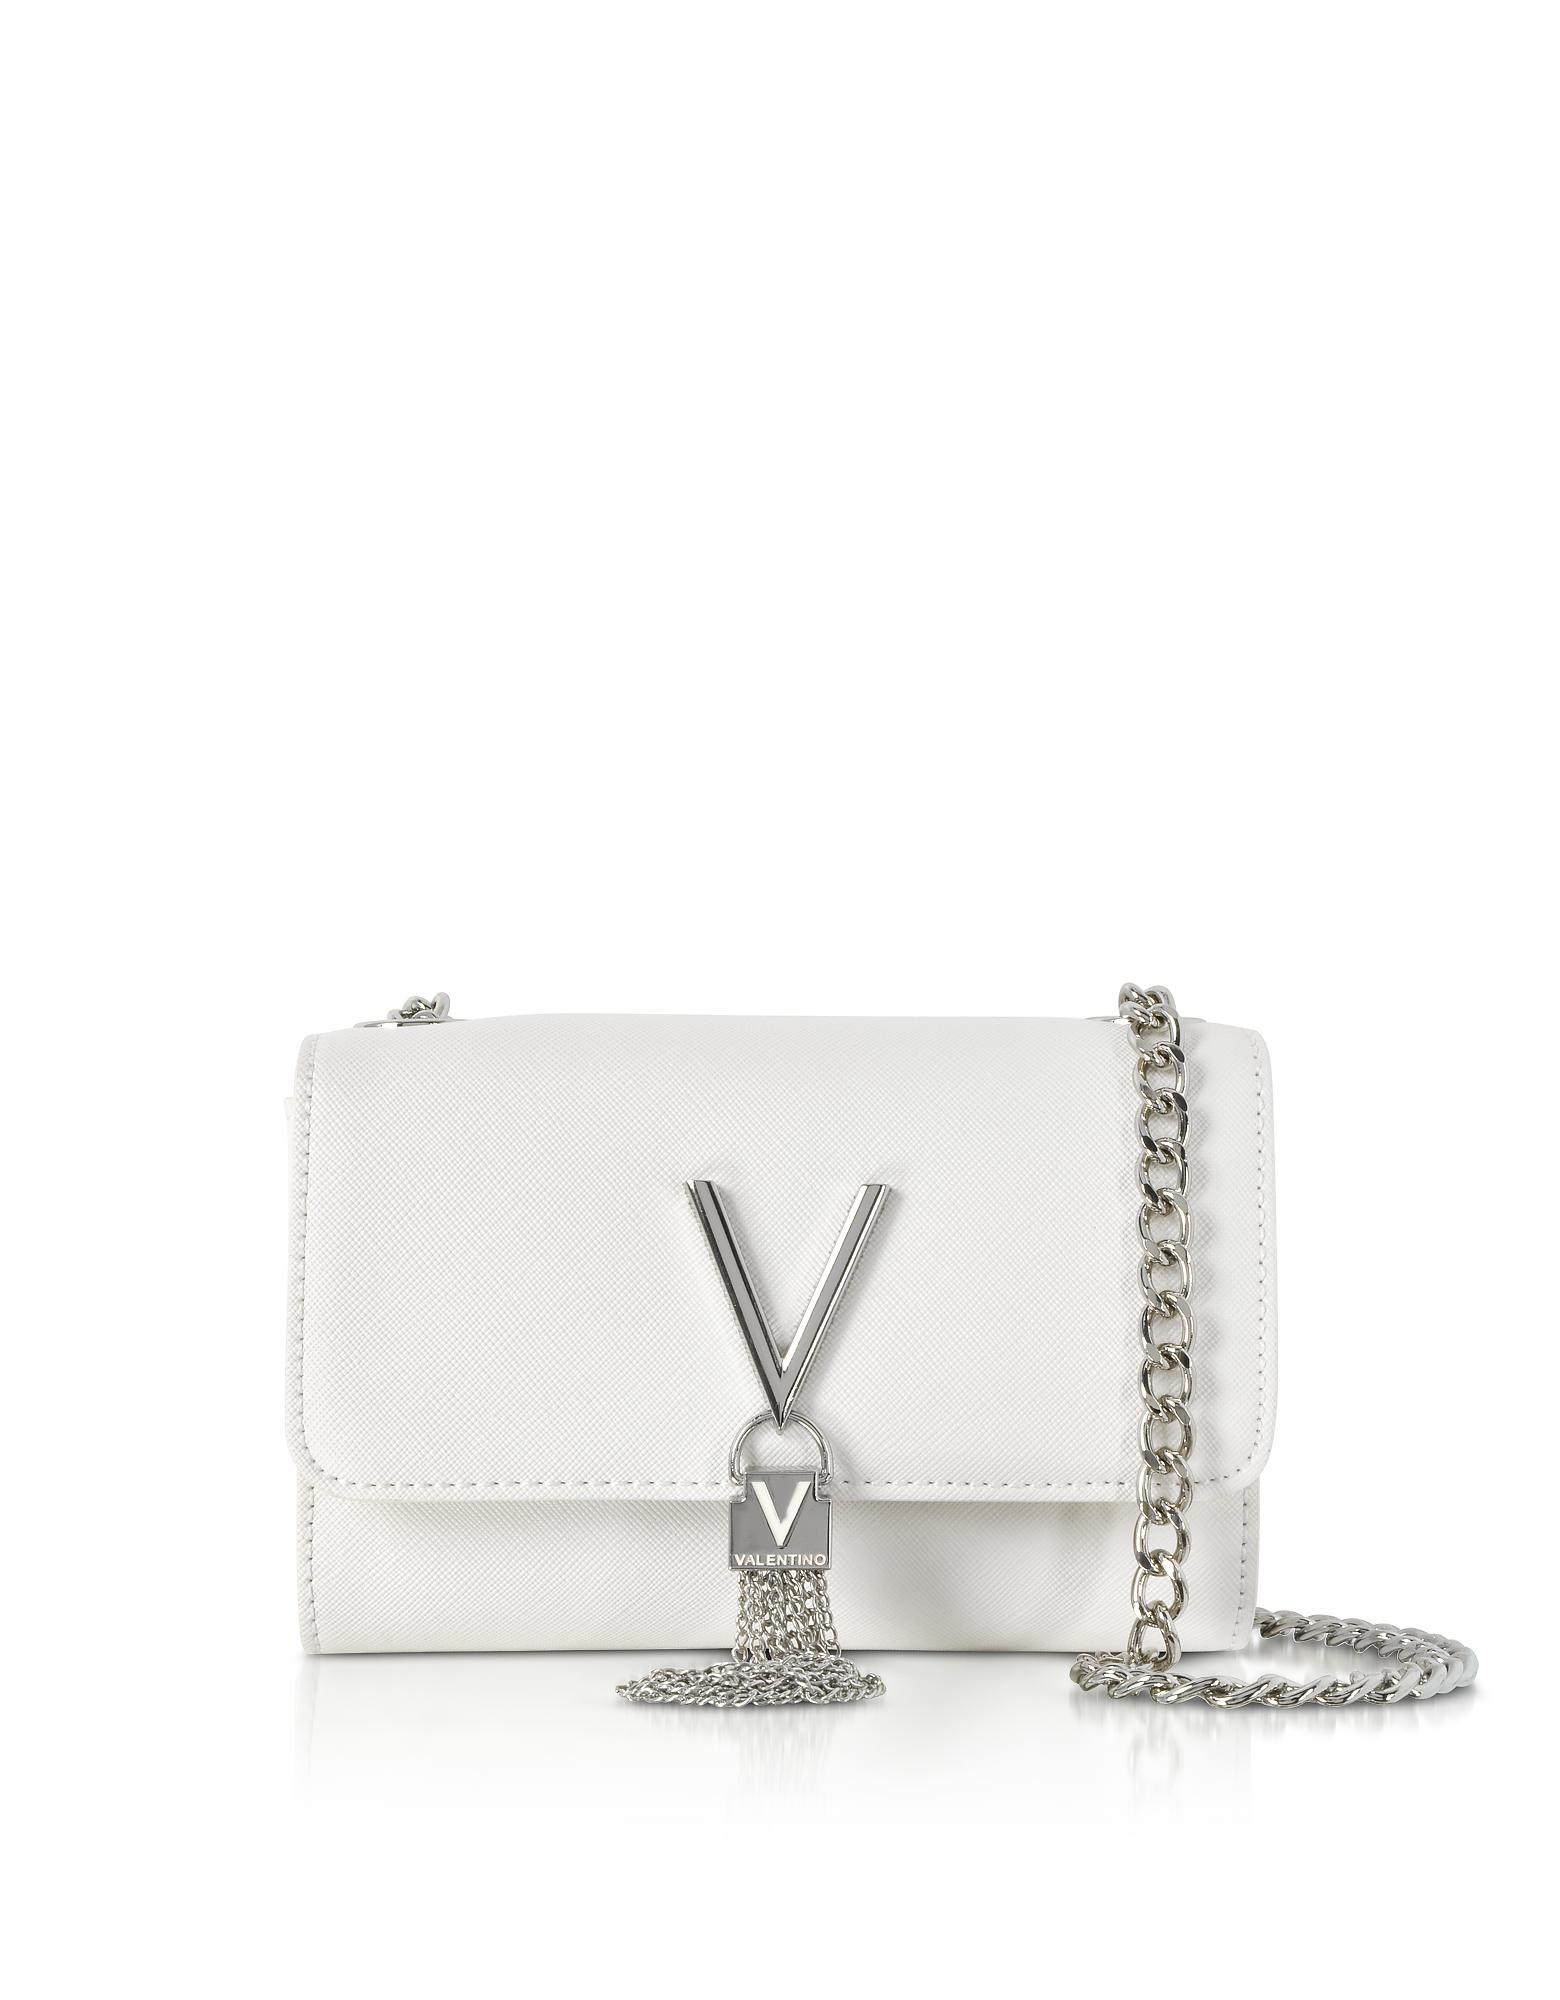 87e5fc346 Valentino By Mario Valentino Eco Leather Divina Mini Shoulder Bag in ...